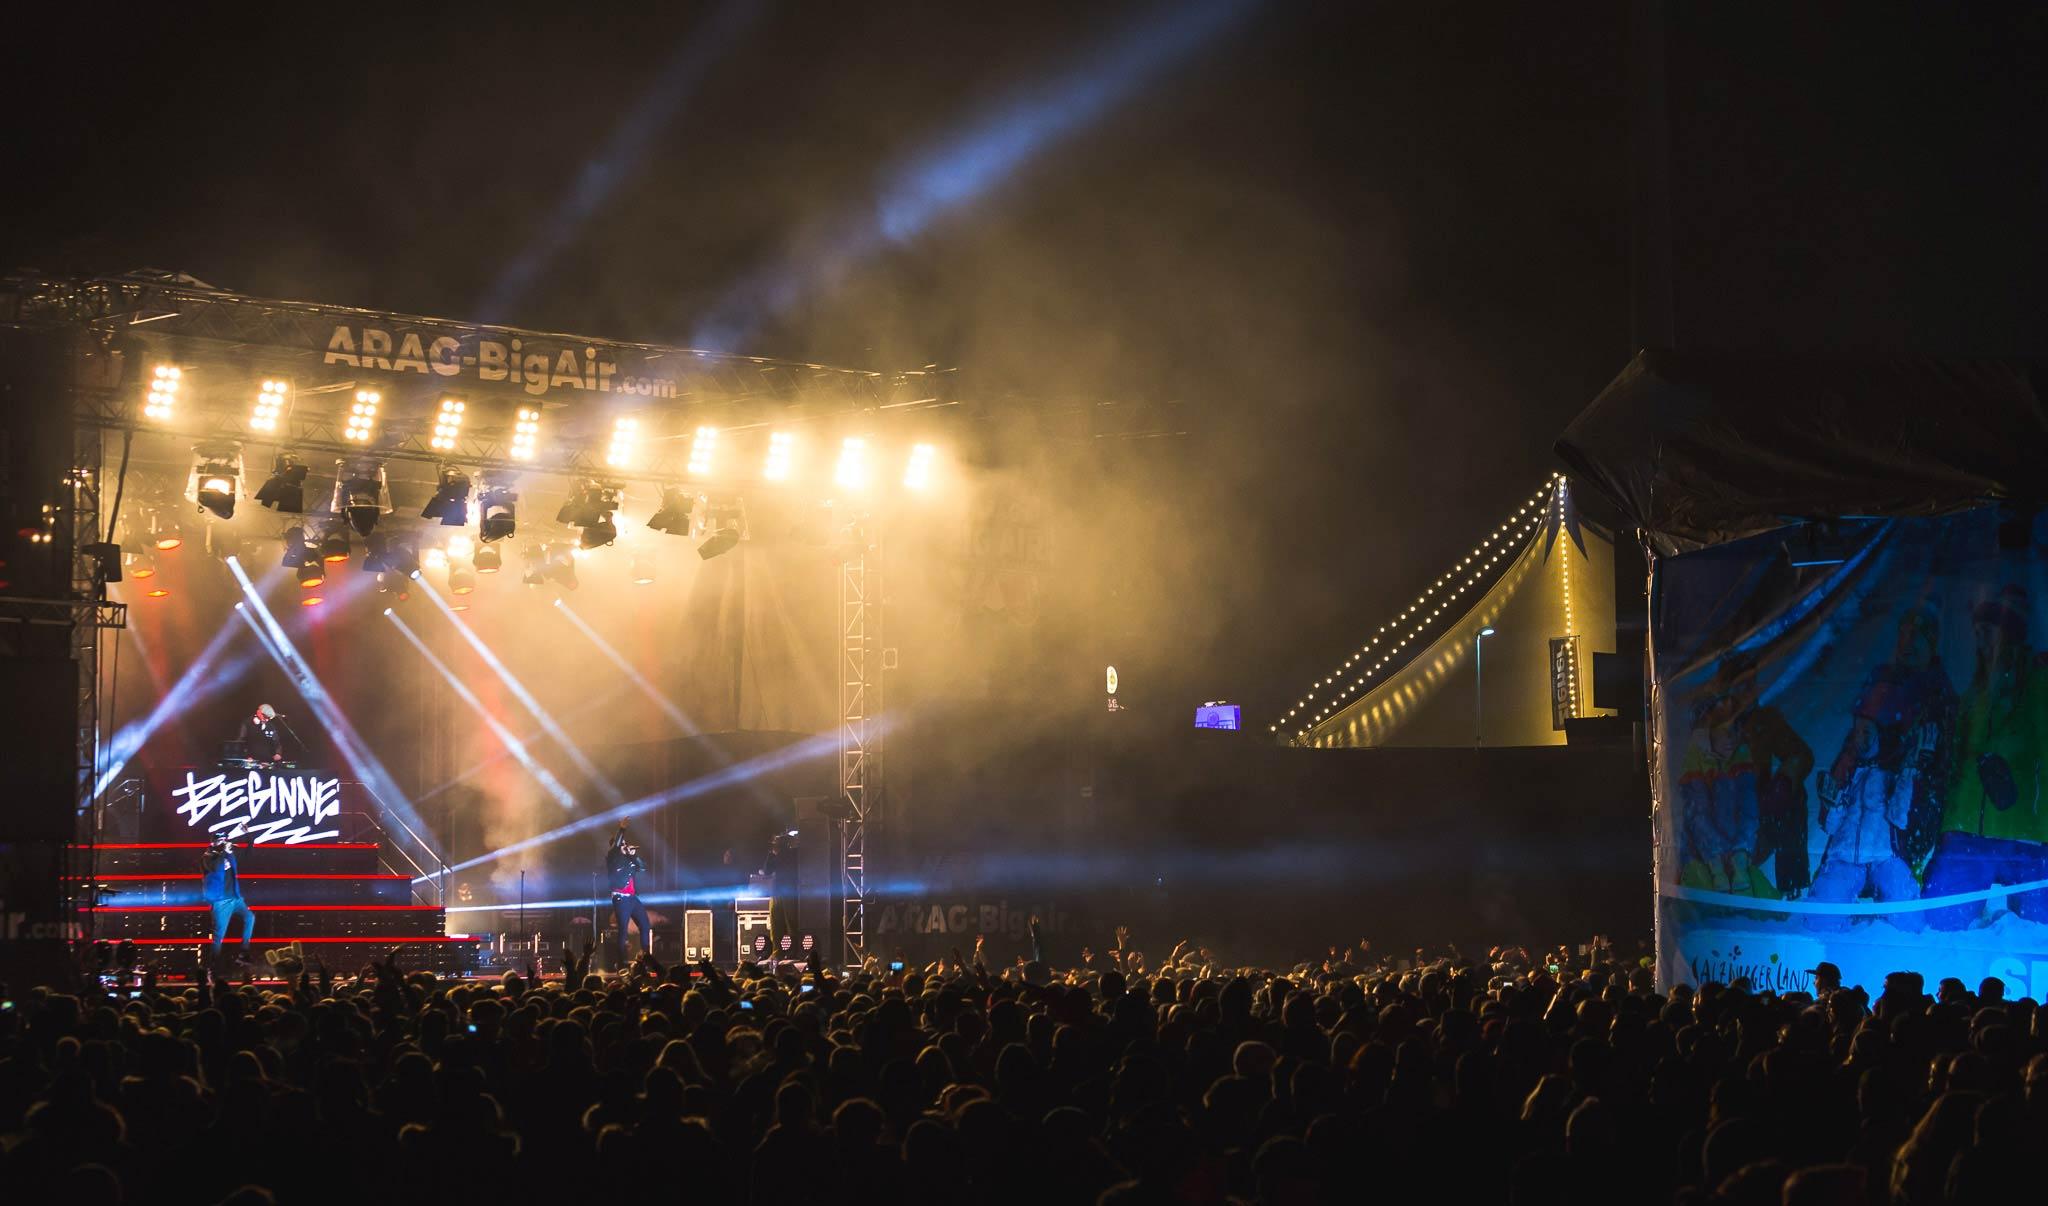 Neben sportlichen Höchstleistungen wurde dem Publikum im Rahmen des Big Air Freestyle Festivals auch beste musikalische Unterhaltung geboten. 2016 waren beispielsweise die Beginner zu Gast in Mönchengladbach.